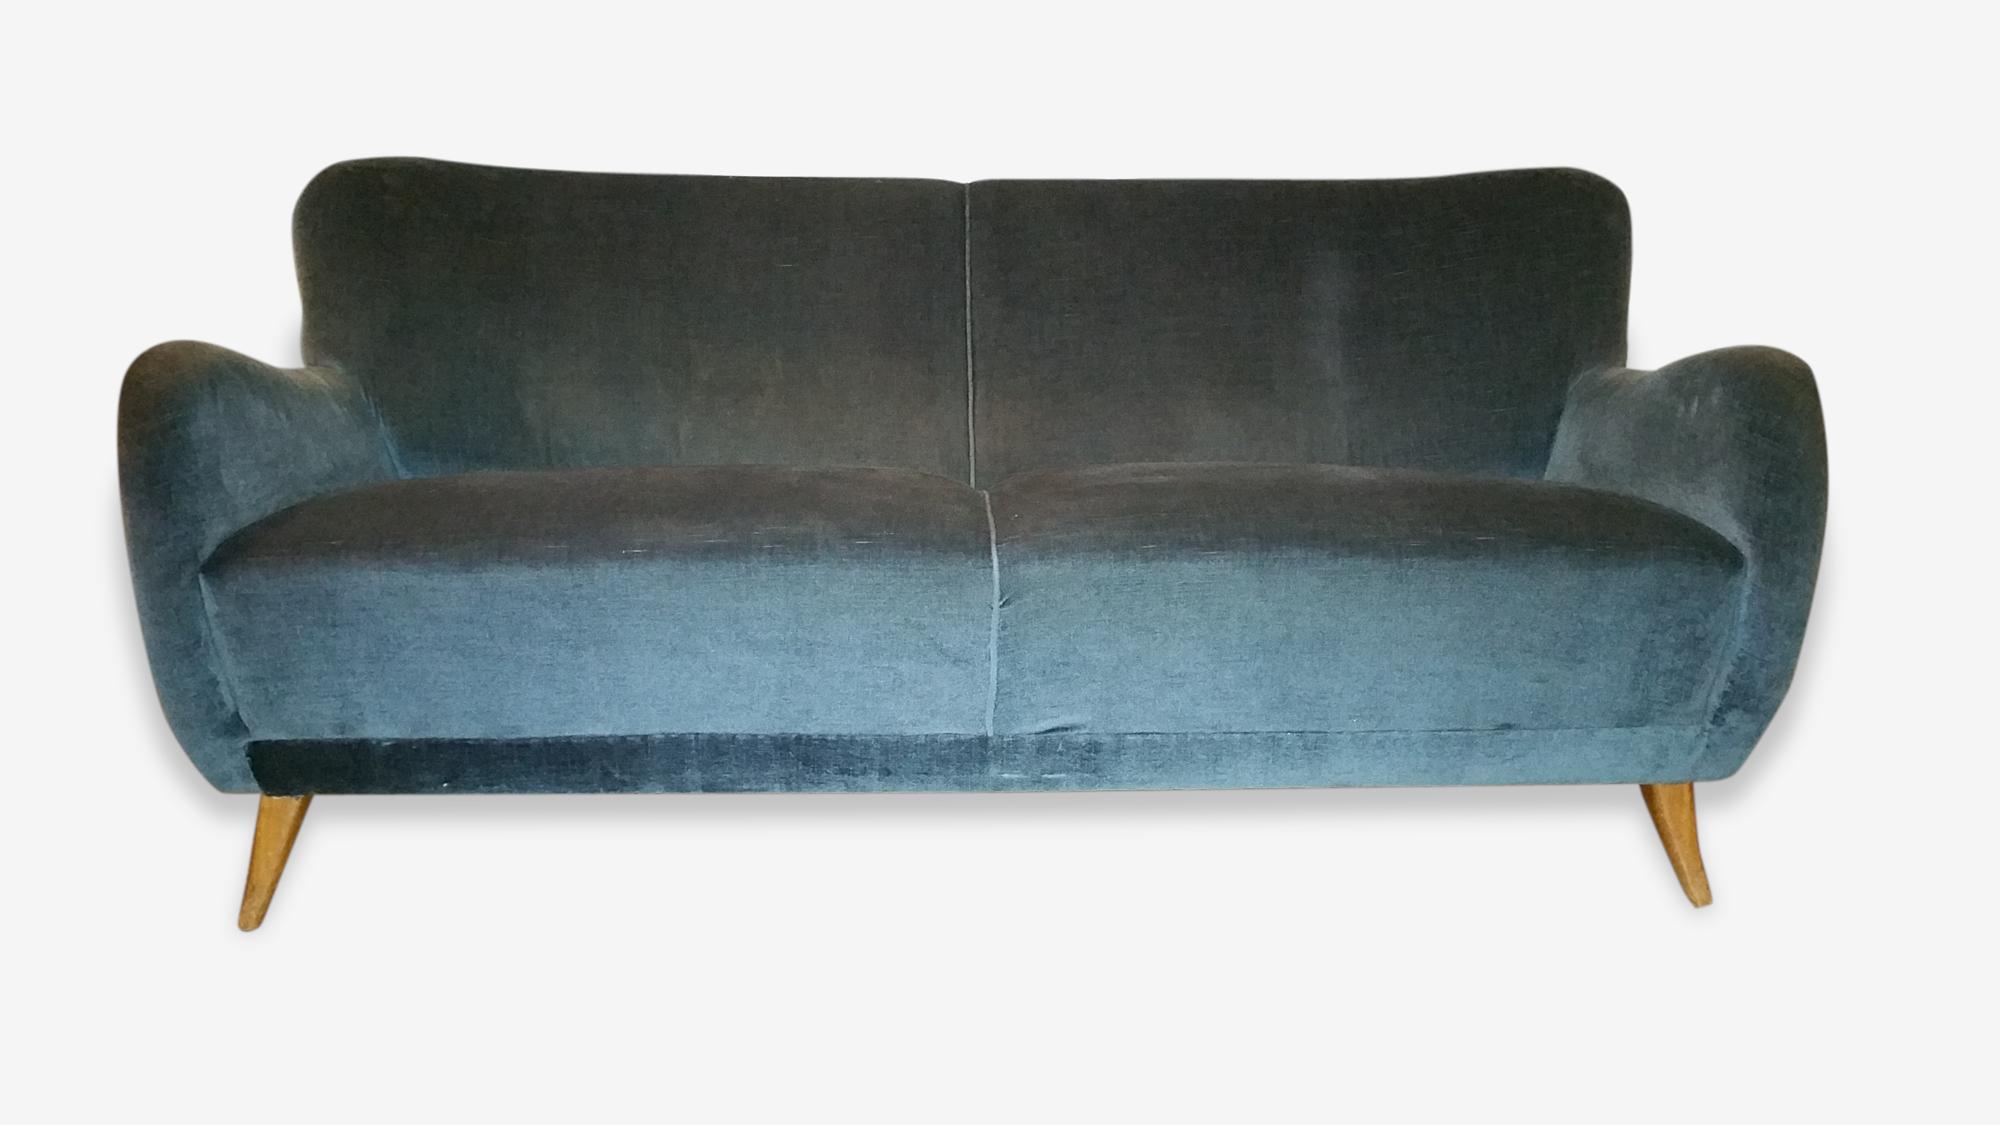 1 canapé sofa 3 places années 50 60 danois sculptural